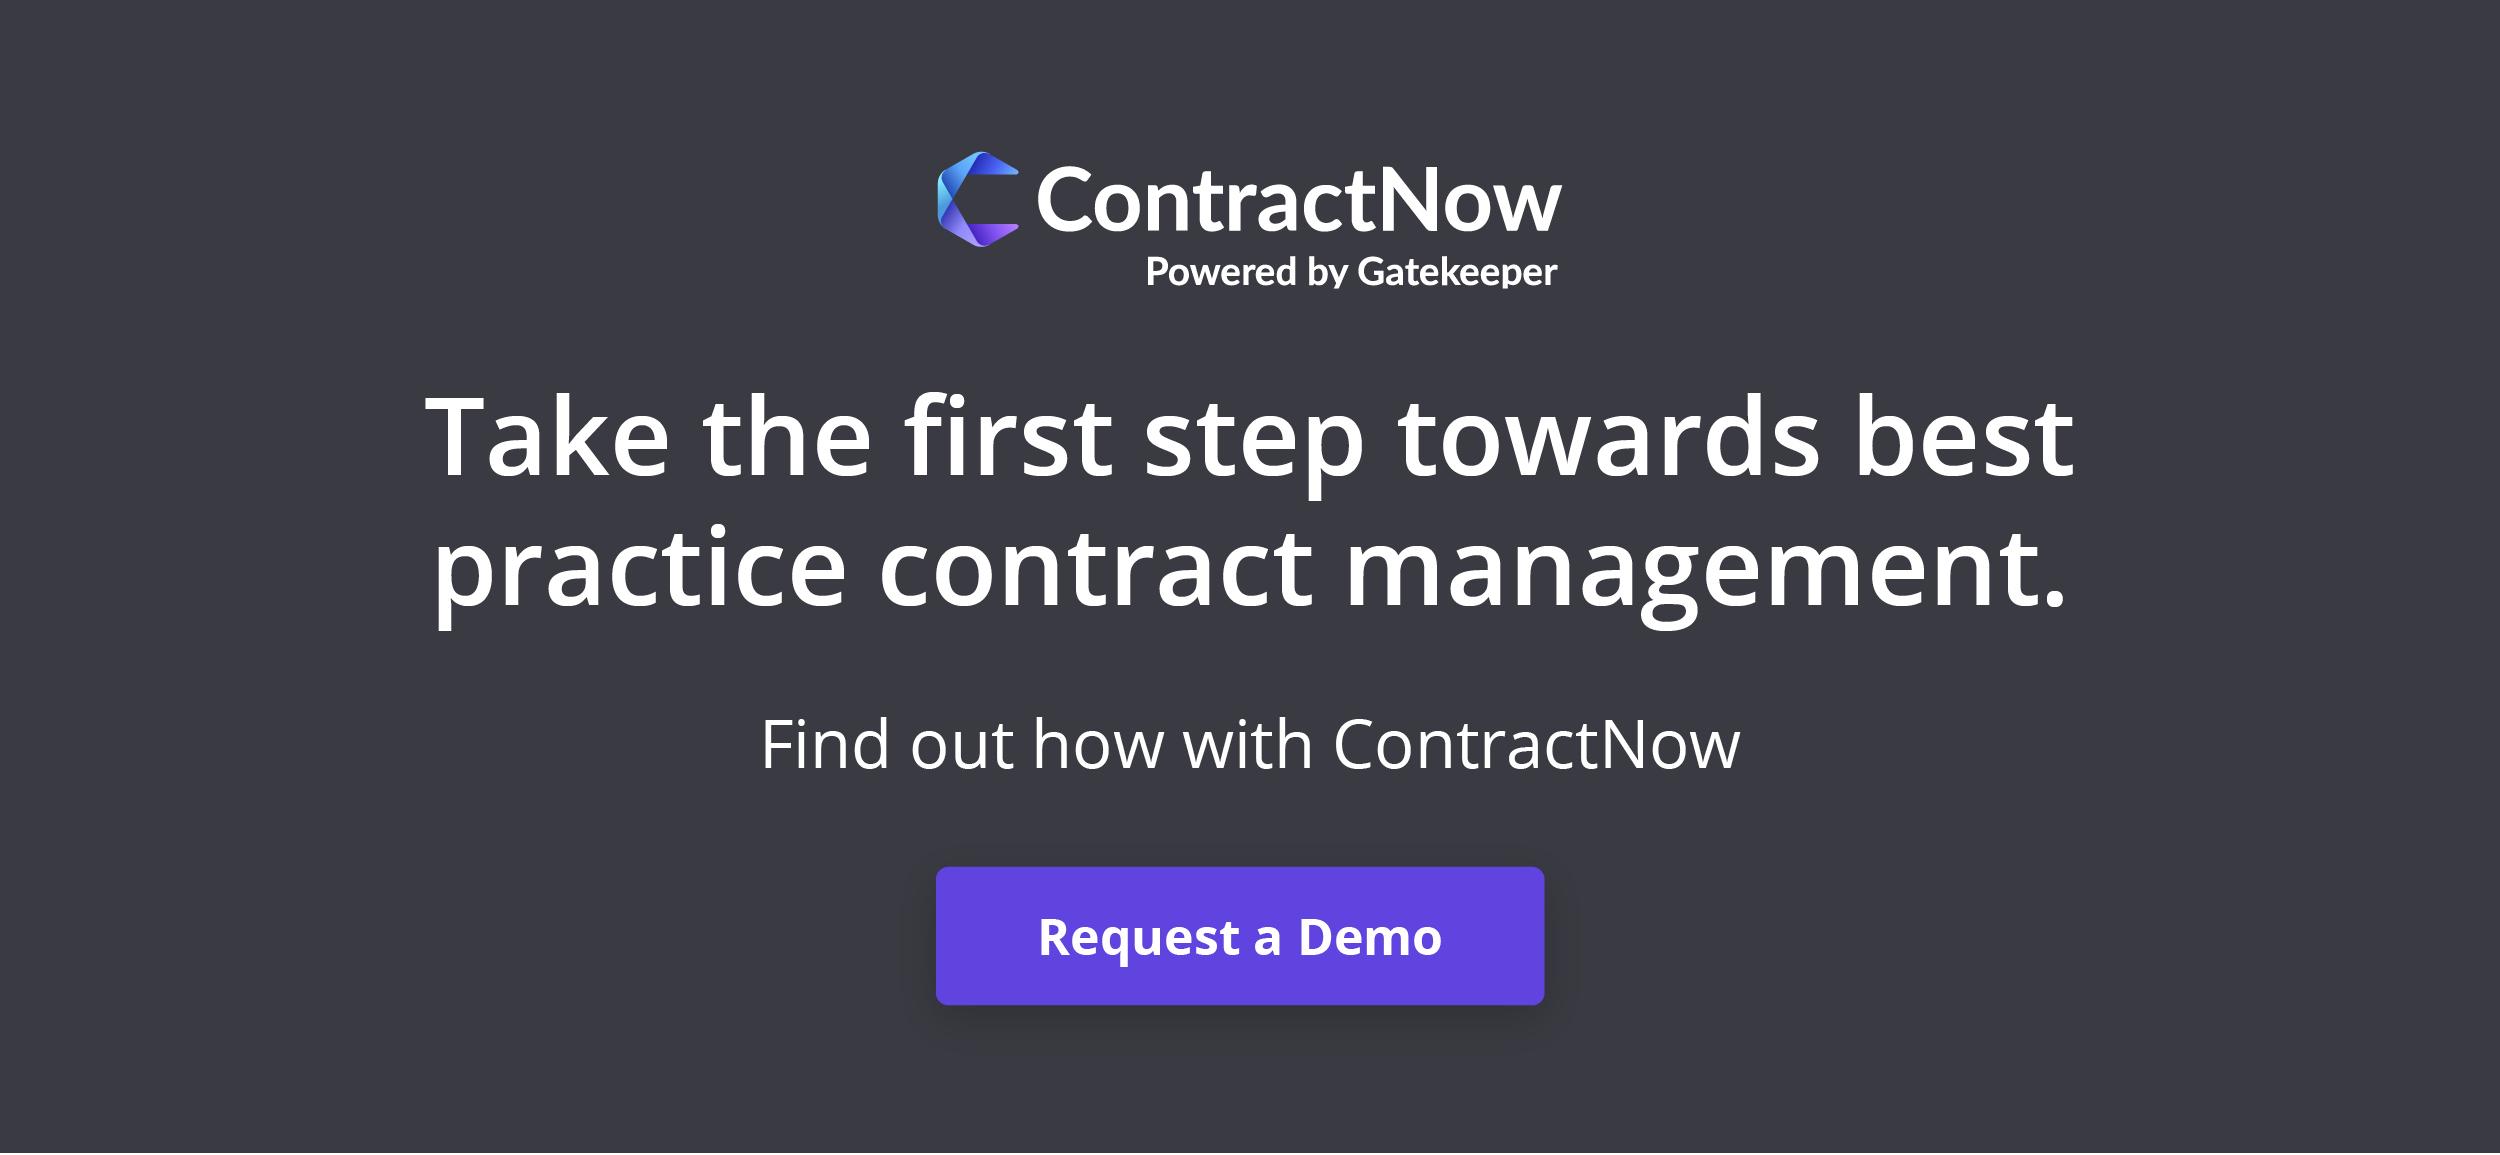 ContractNow_CTA_-1